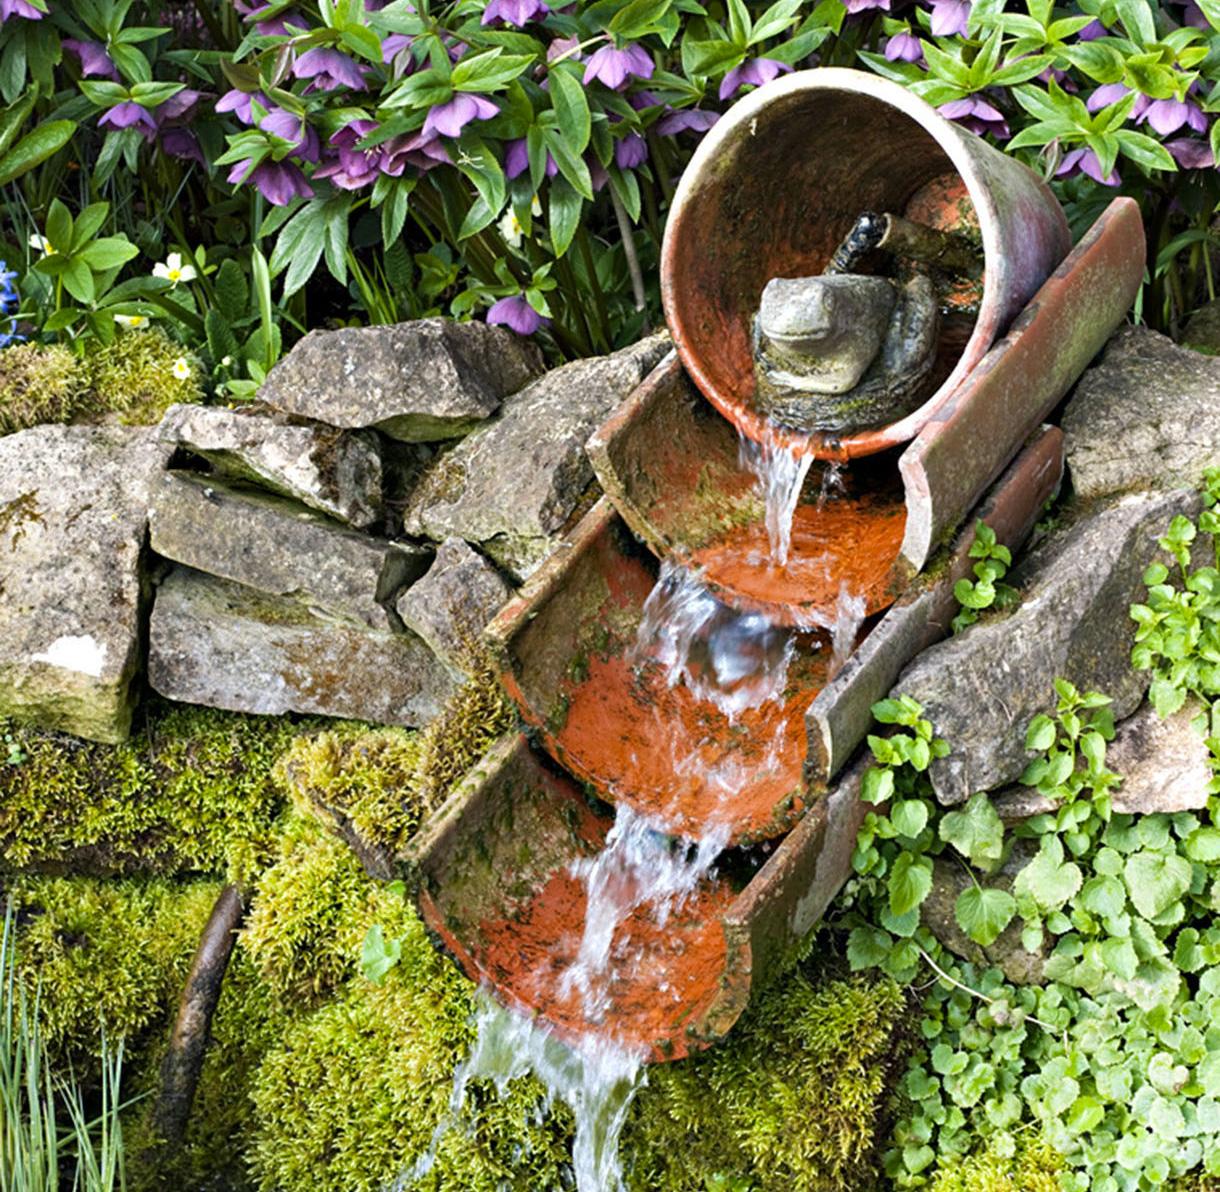 9 Exemples De Fontaines Pour Votre Jardin - Détente Jardin serapportantà Construire Fontaine De Jardin